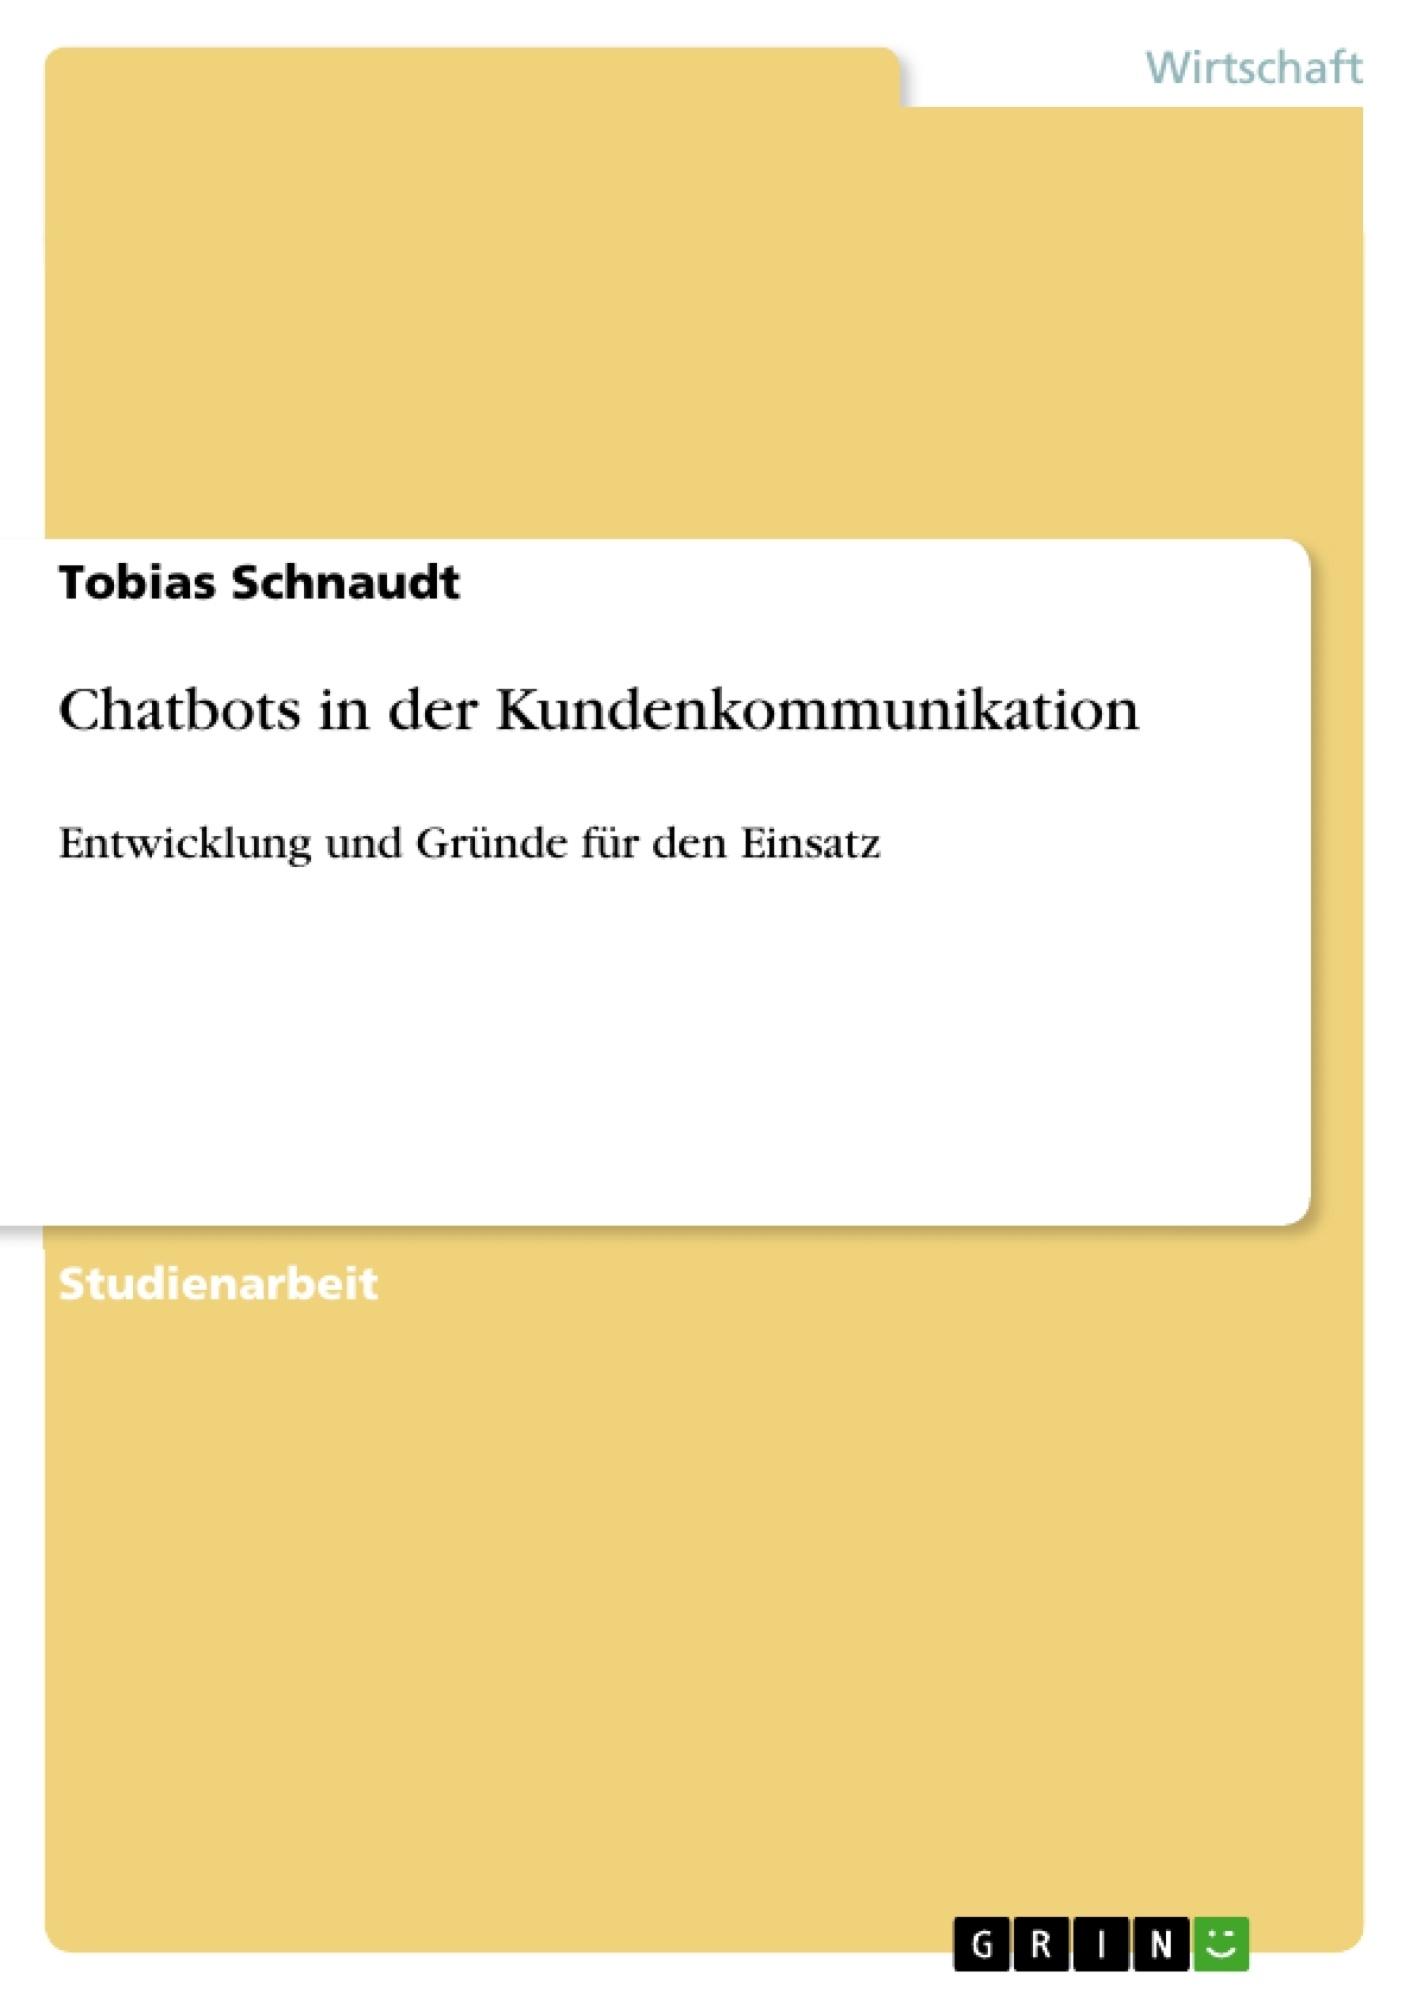 Titel: Chatbots in der Kundenkommunikation